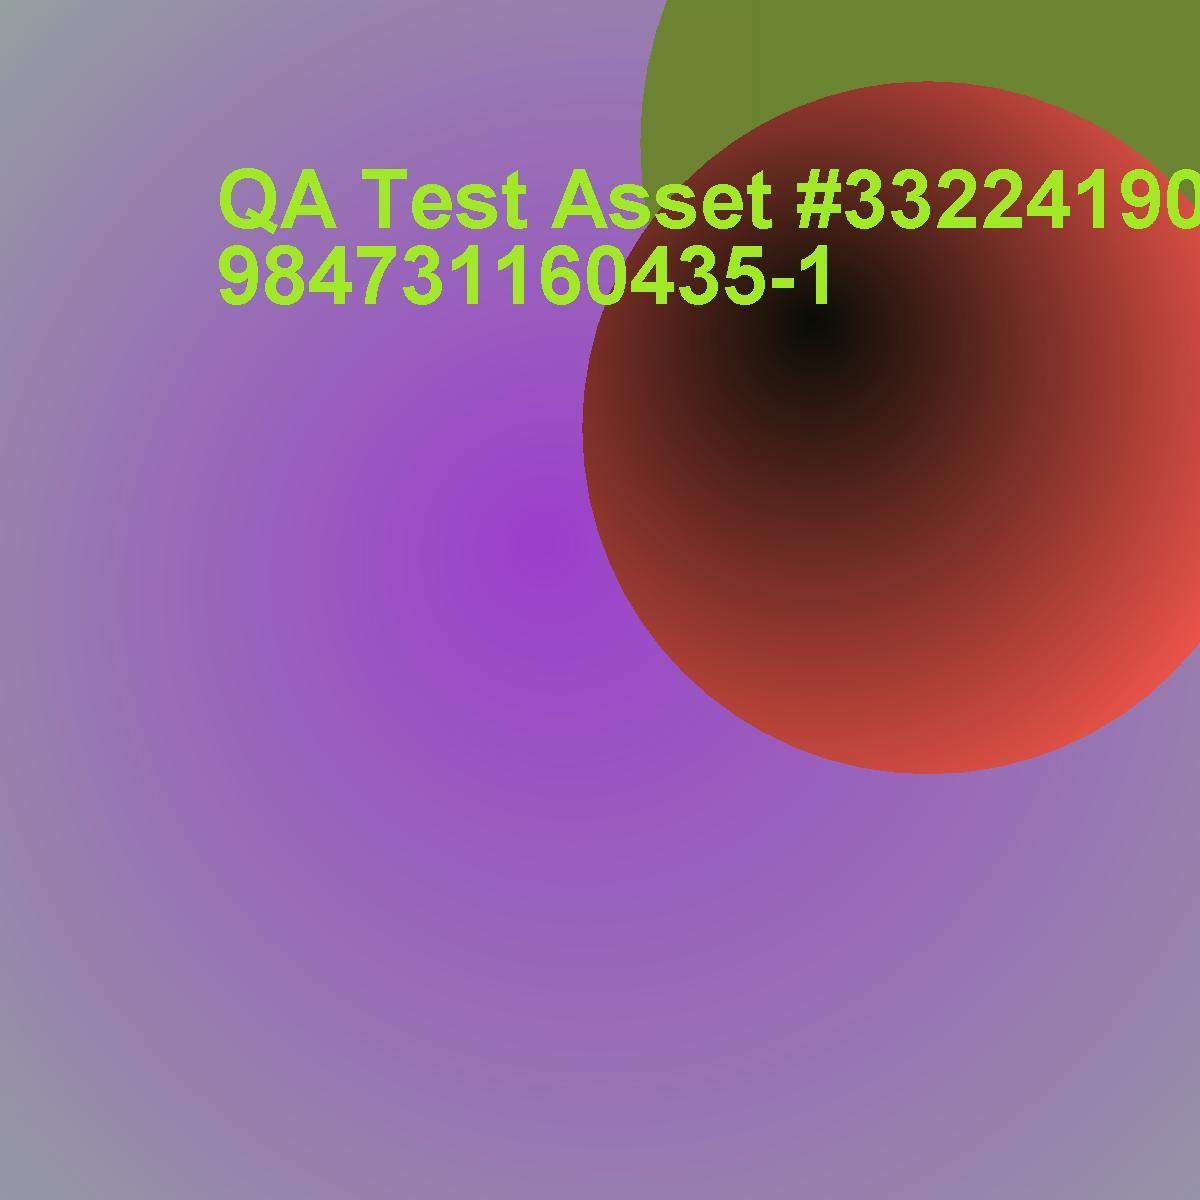 qathumb4309452439271678180.jpg